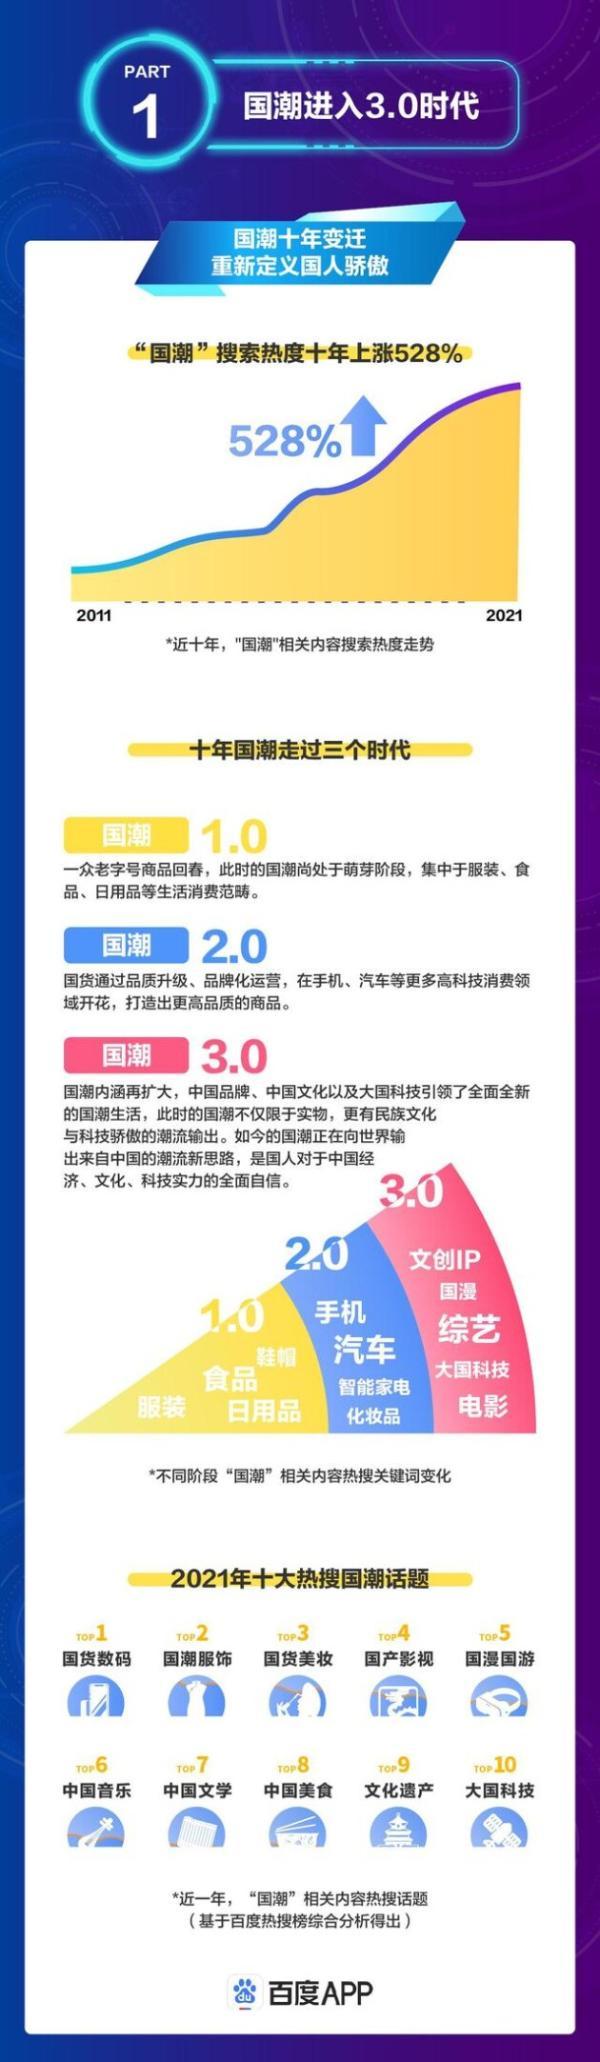 朱丹蓬点评徐福记:90/95后重新定义新中式喜礼,是传承更是自信